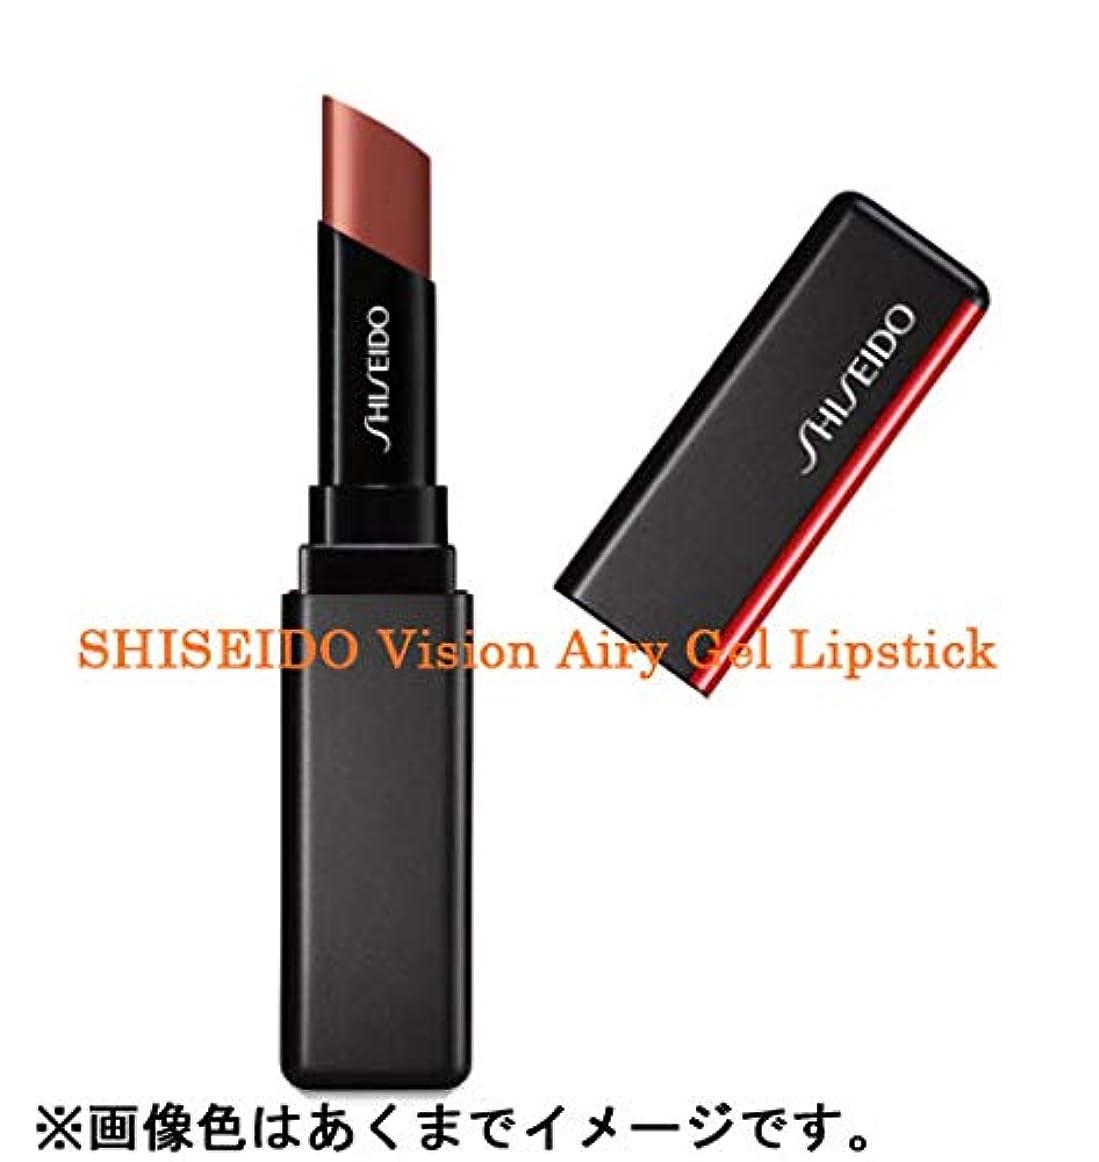 評価するカメどきどきSHISEIDO Makeup(資生堂 メーキャップ) SHISEIDO(資生堂) SHISEIDO ヴィジョナリー ジェルリップスティック 1.6g (201)